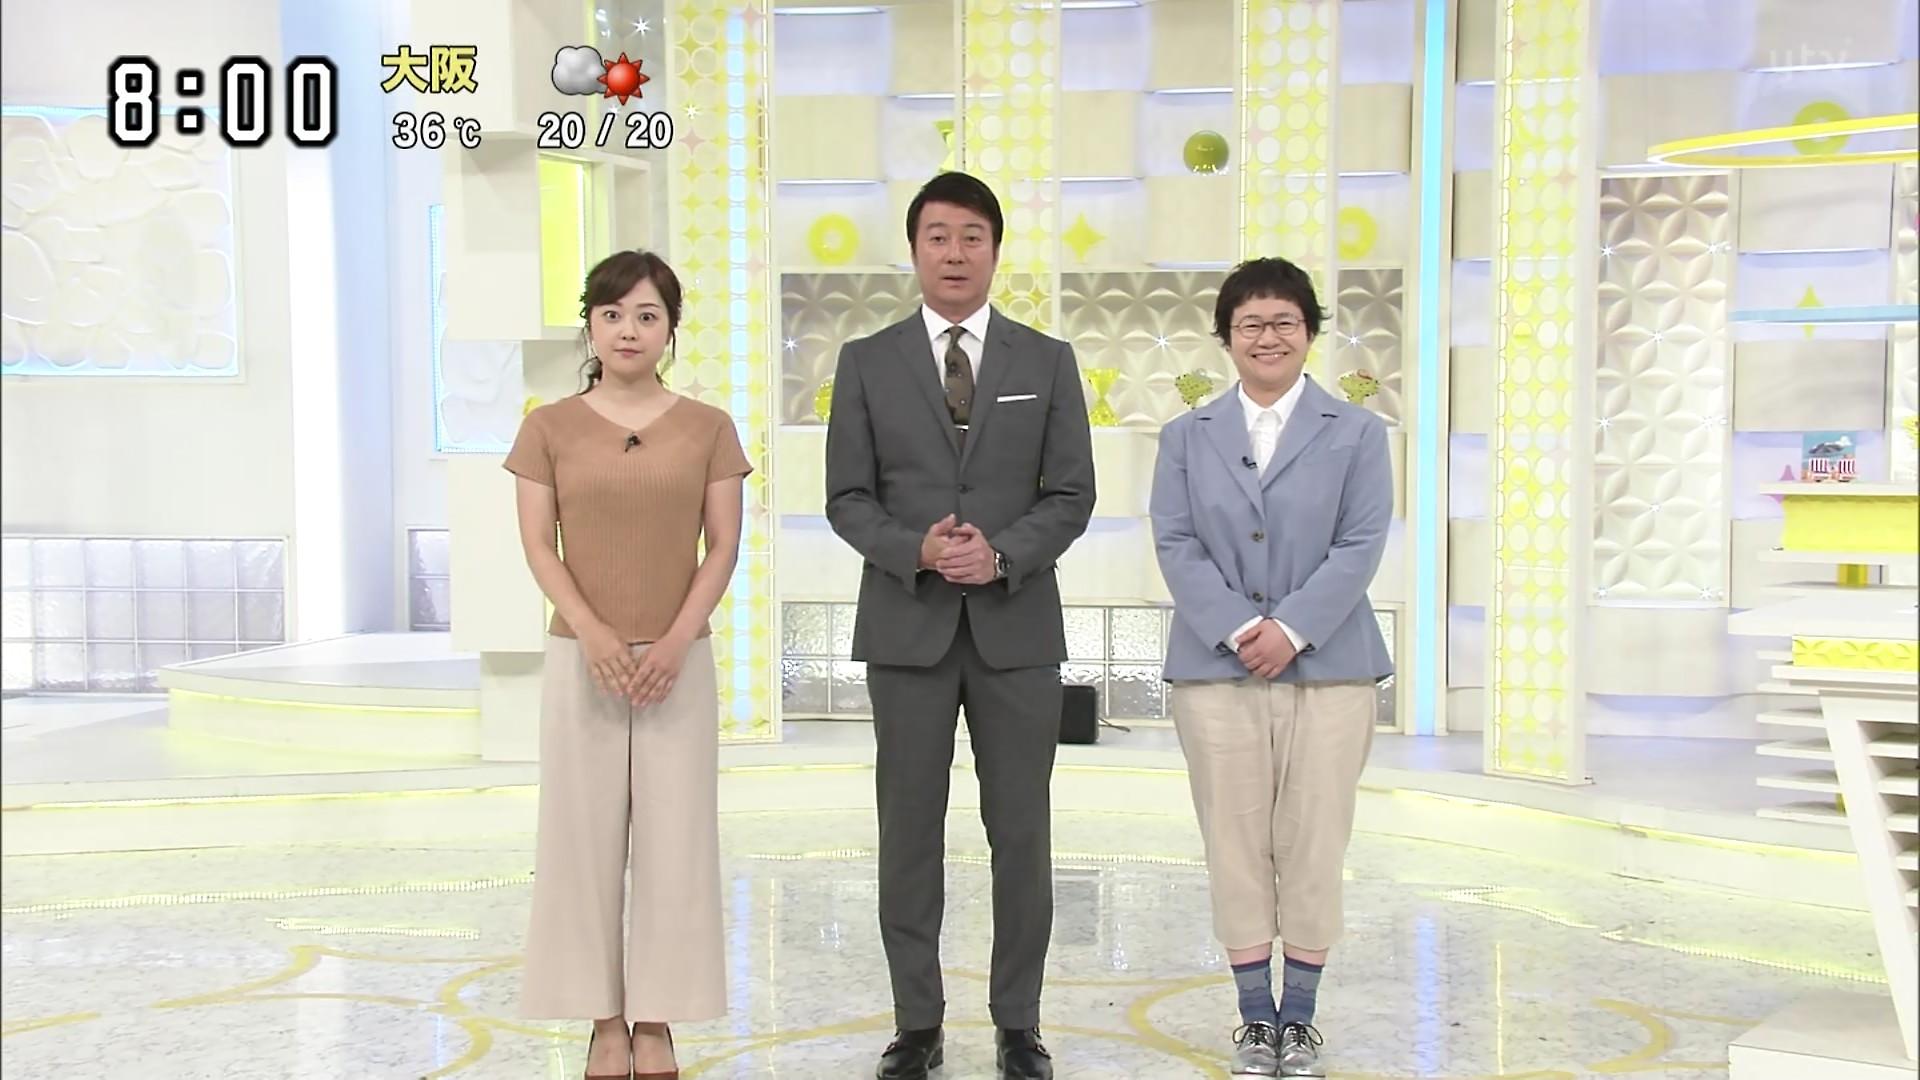 2019年8月13日に放送された「スッキリ」に出演した水卜麻美さんの画像-044